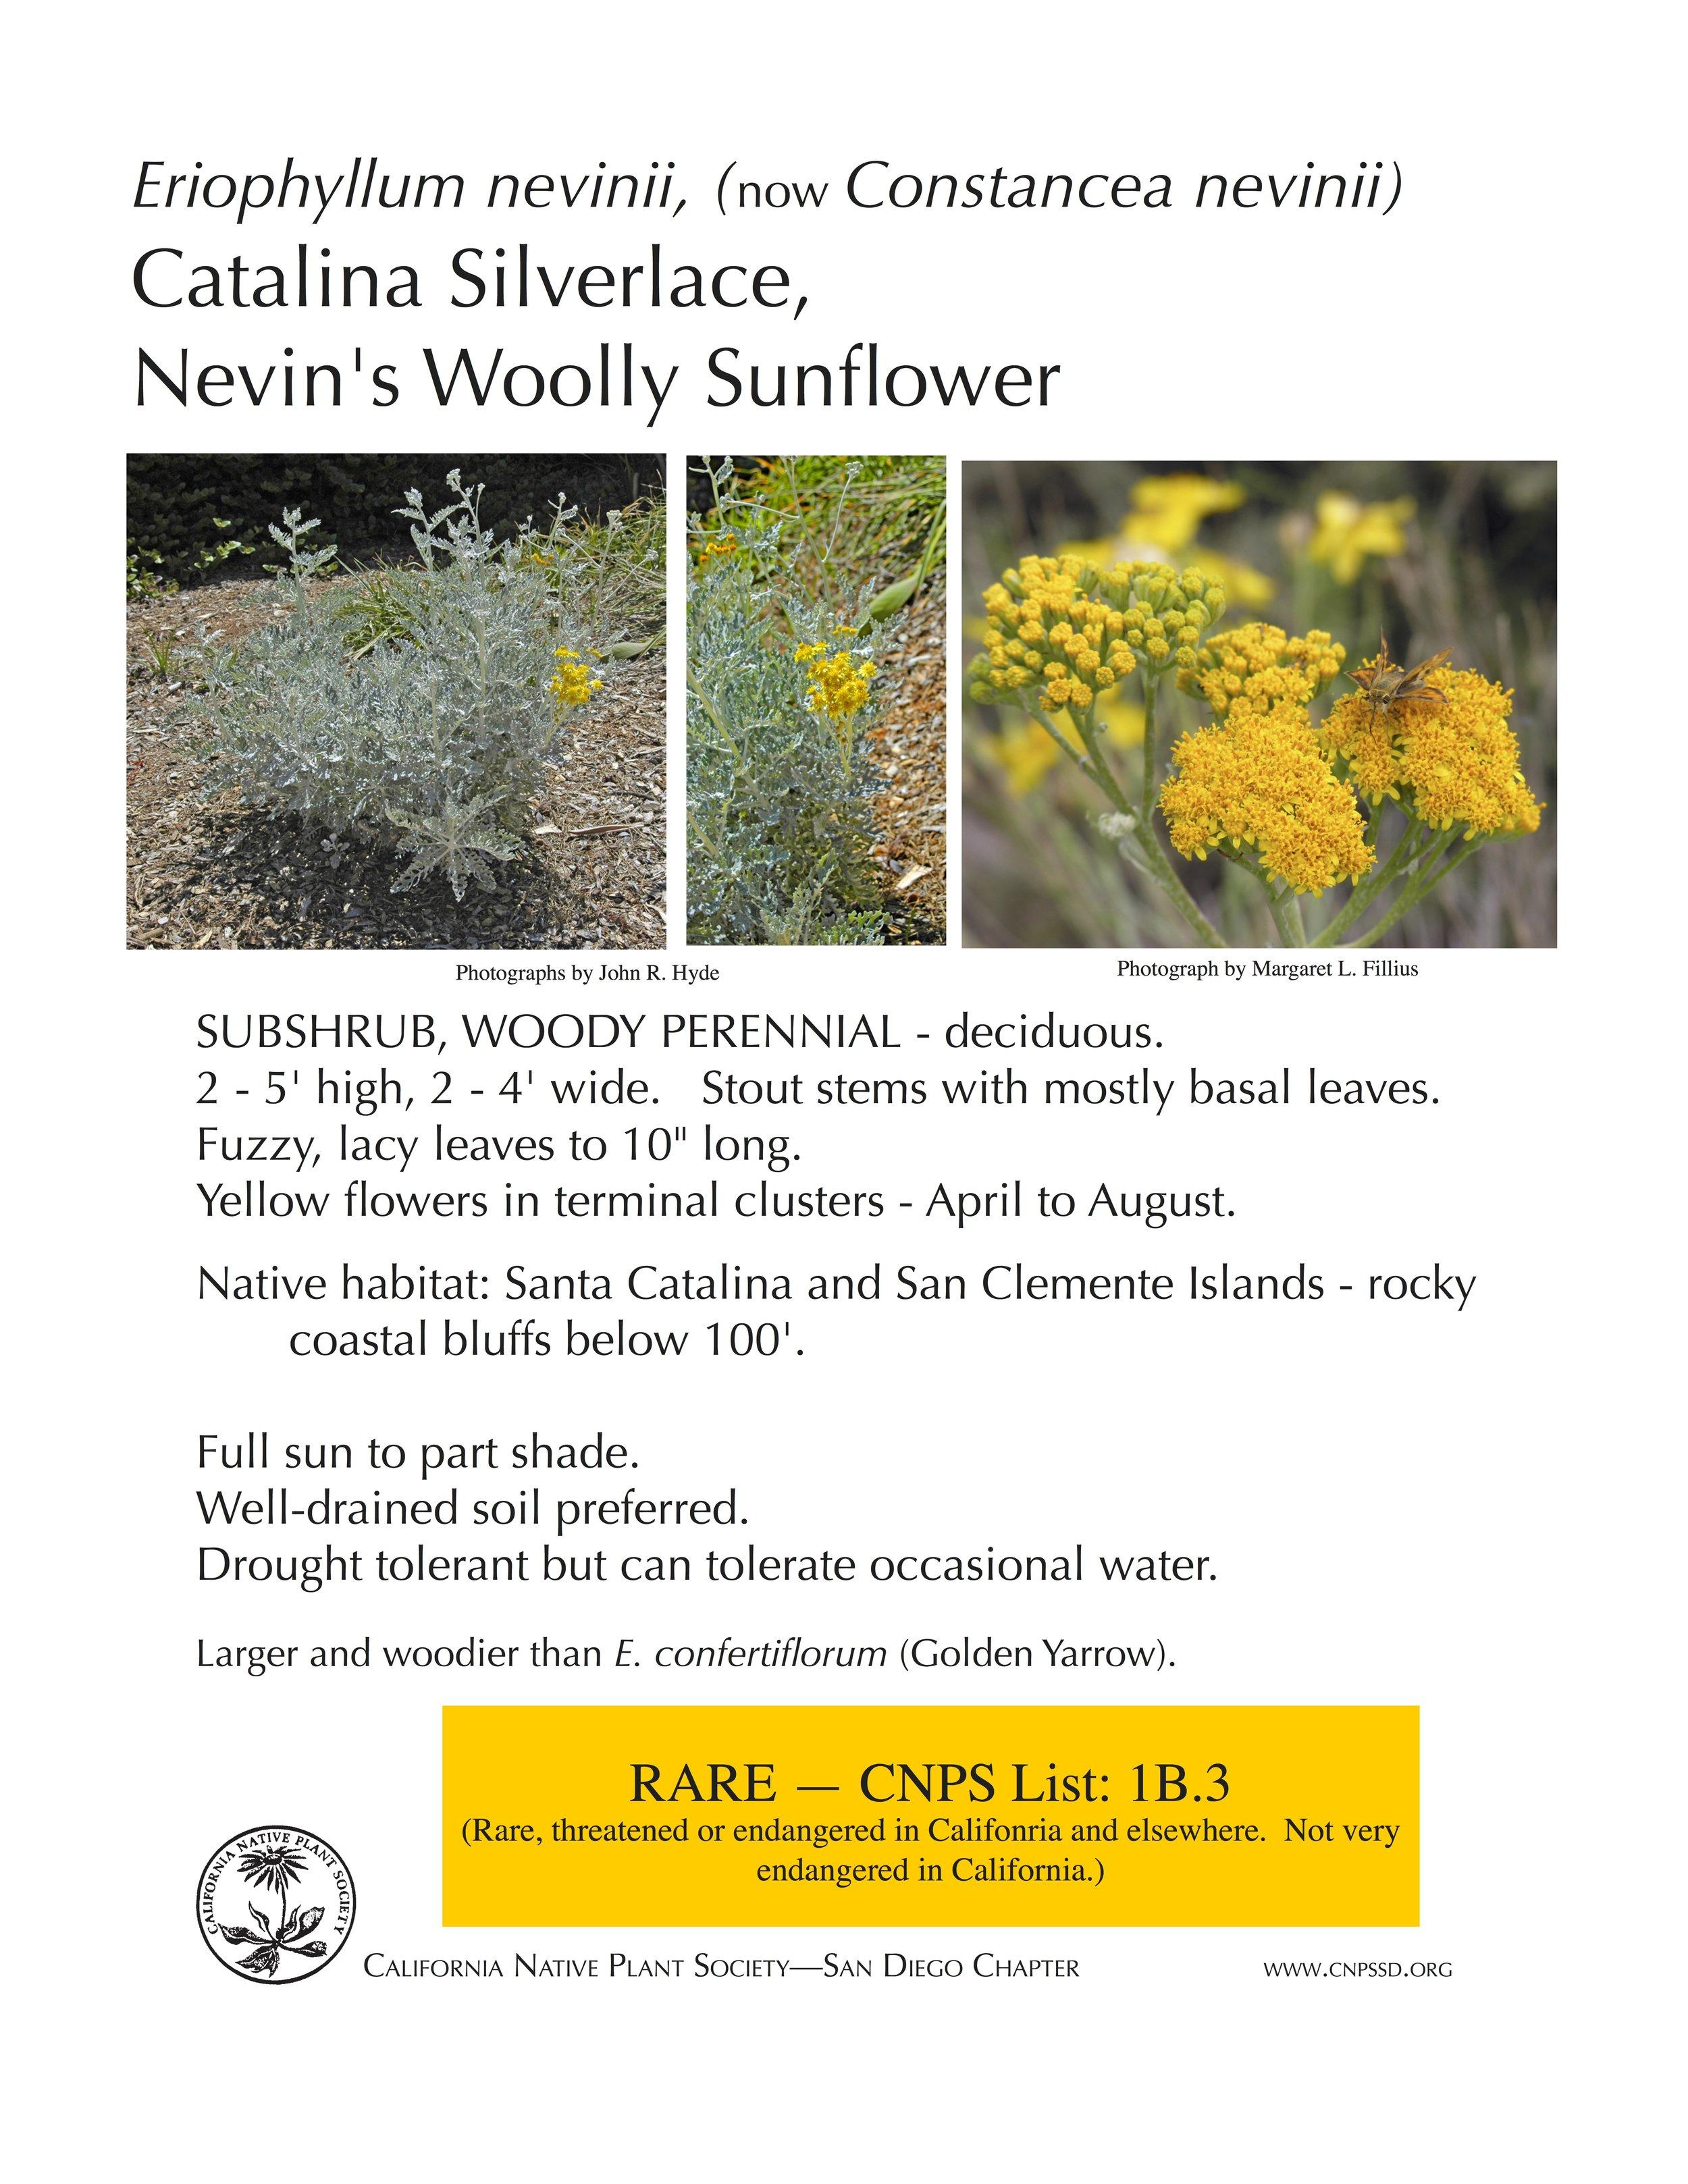 Nevin's Wooly Sunflower (Constancea nevinii).jpg